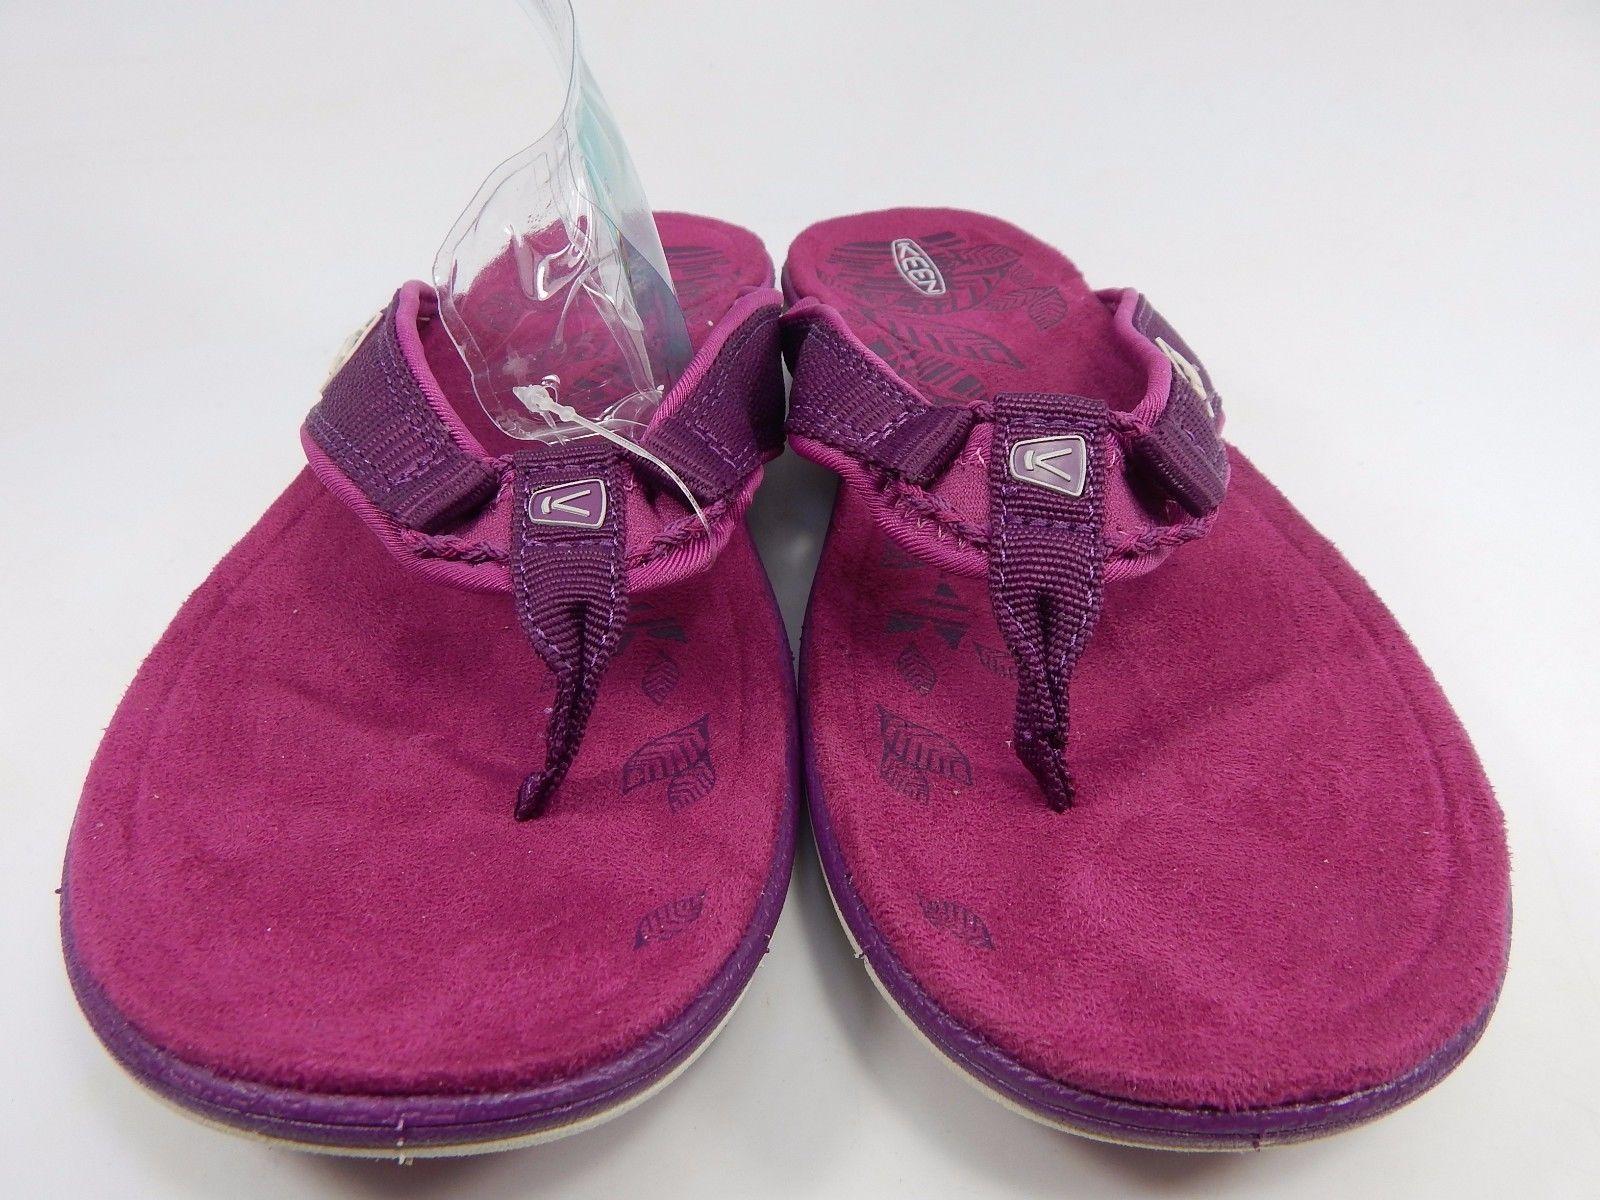 Keen Maya Flip Women's Sports Sandals Sz US 7 M (B) EU 37.5 Dark Purple Wine